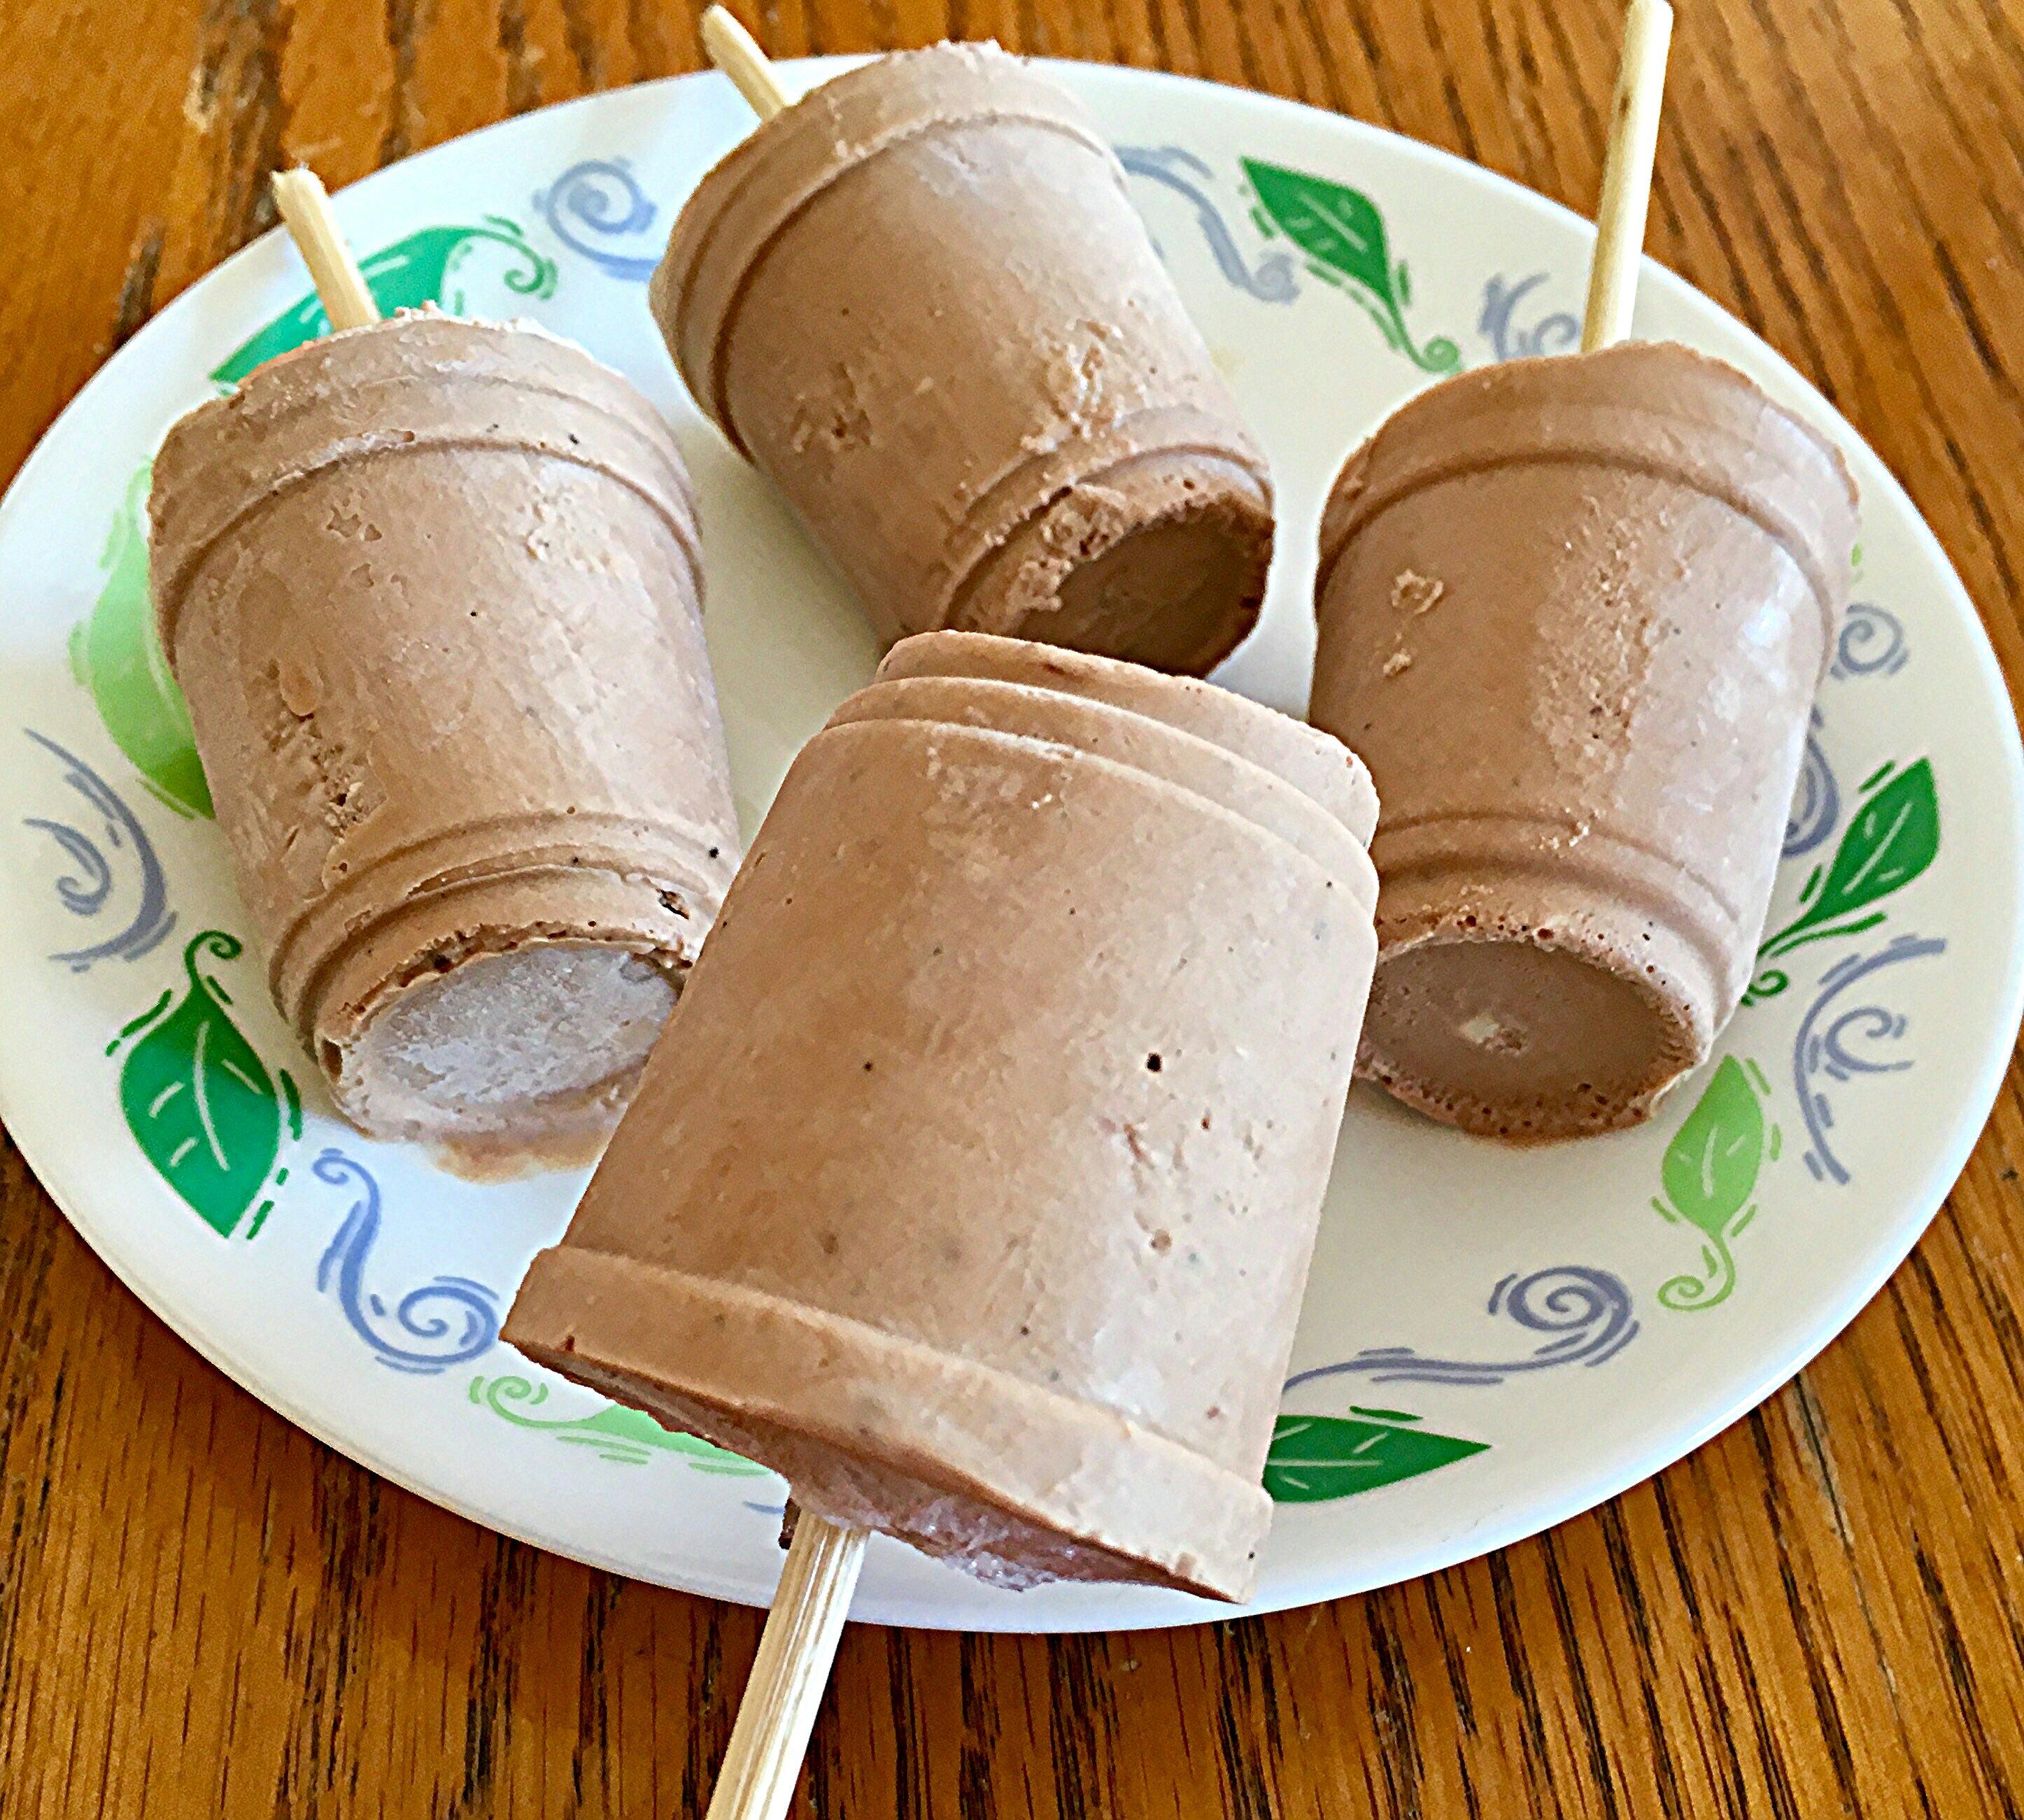 Tiramisu Ice Pops Yoly